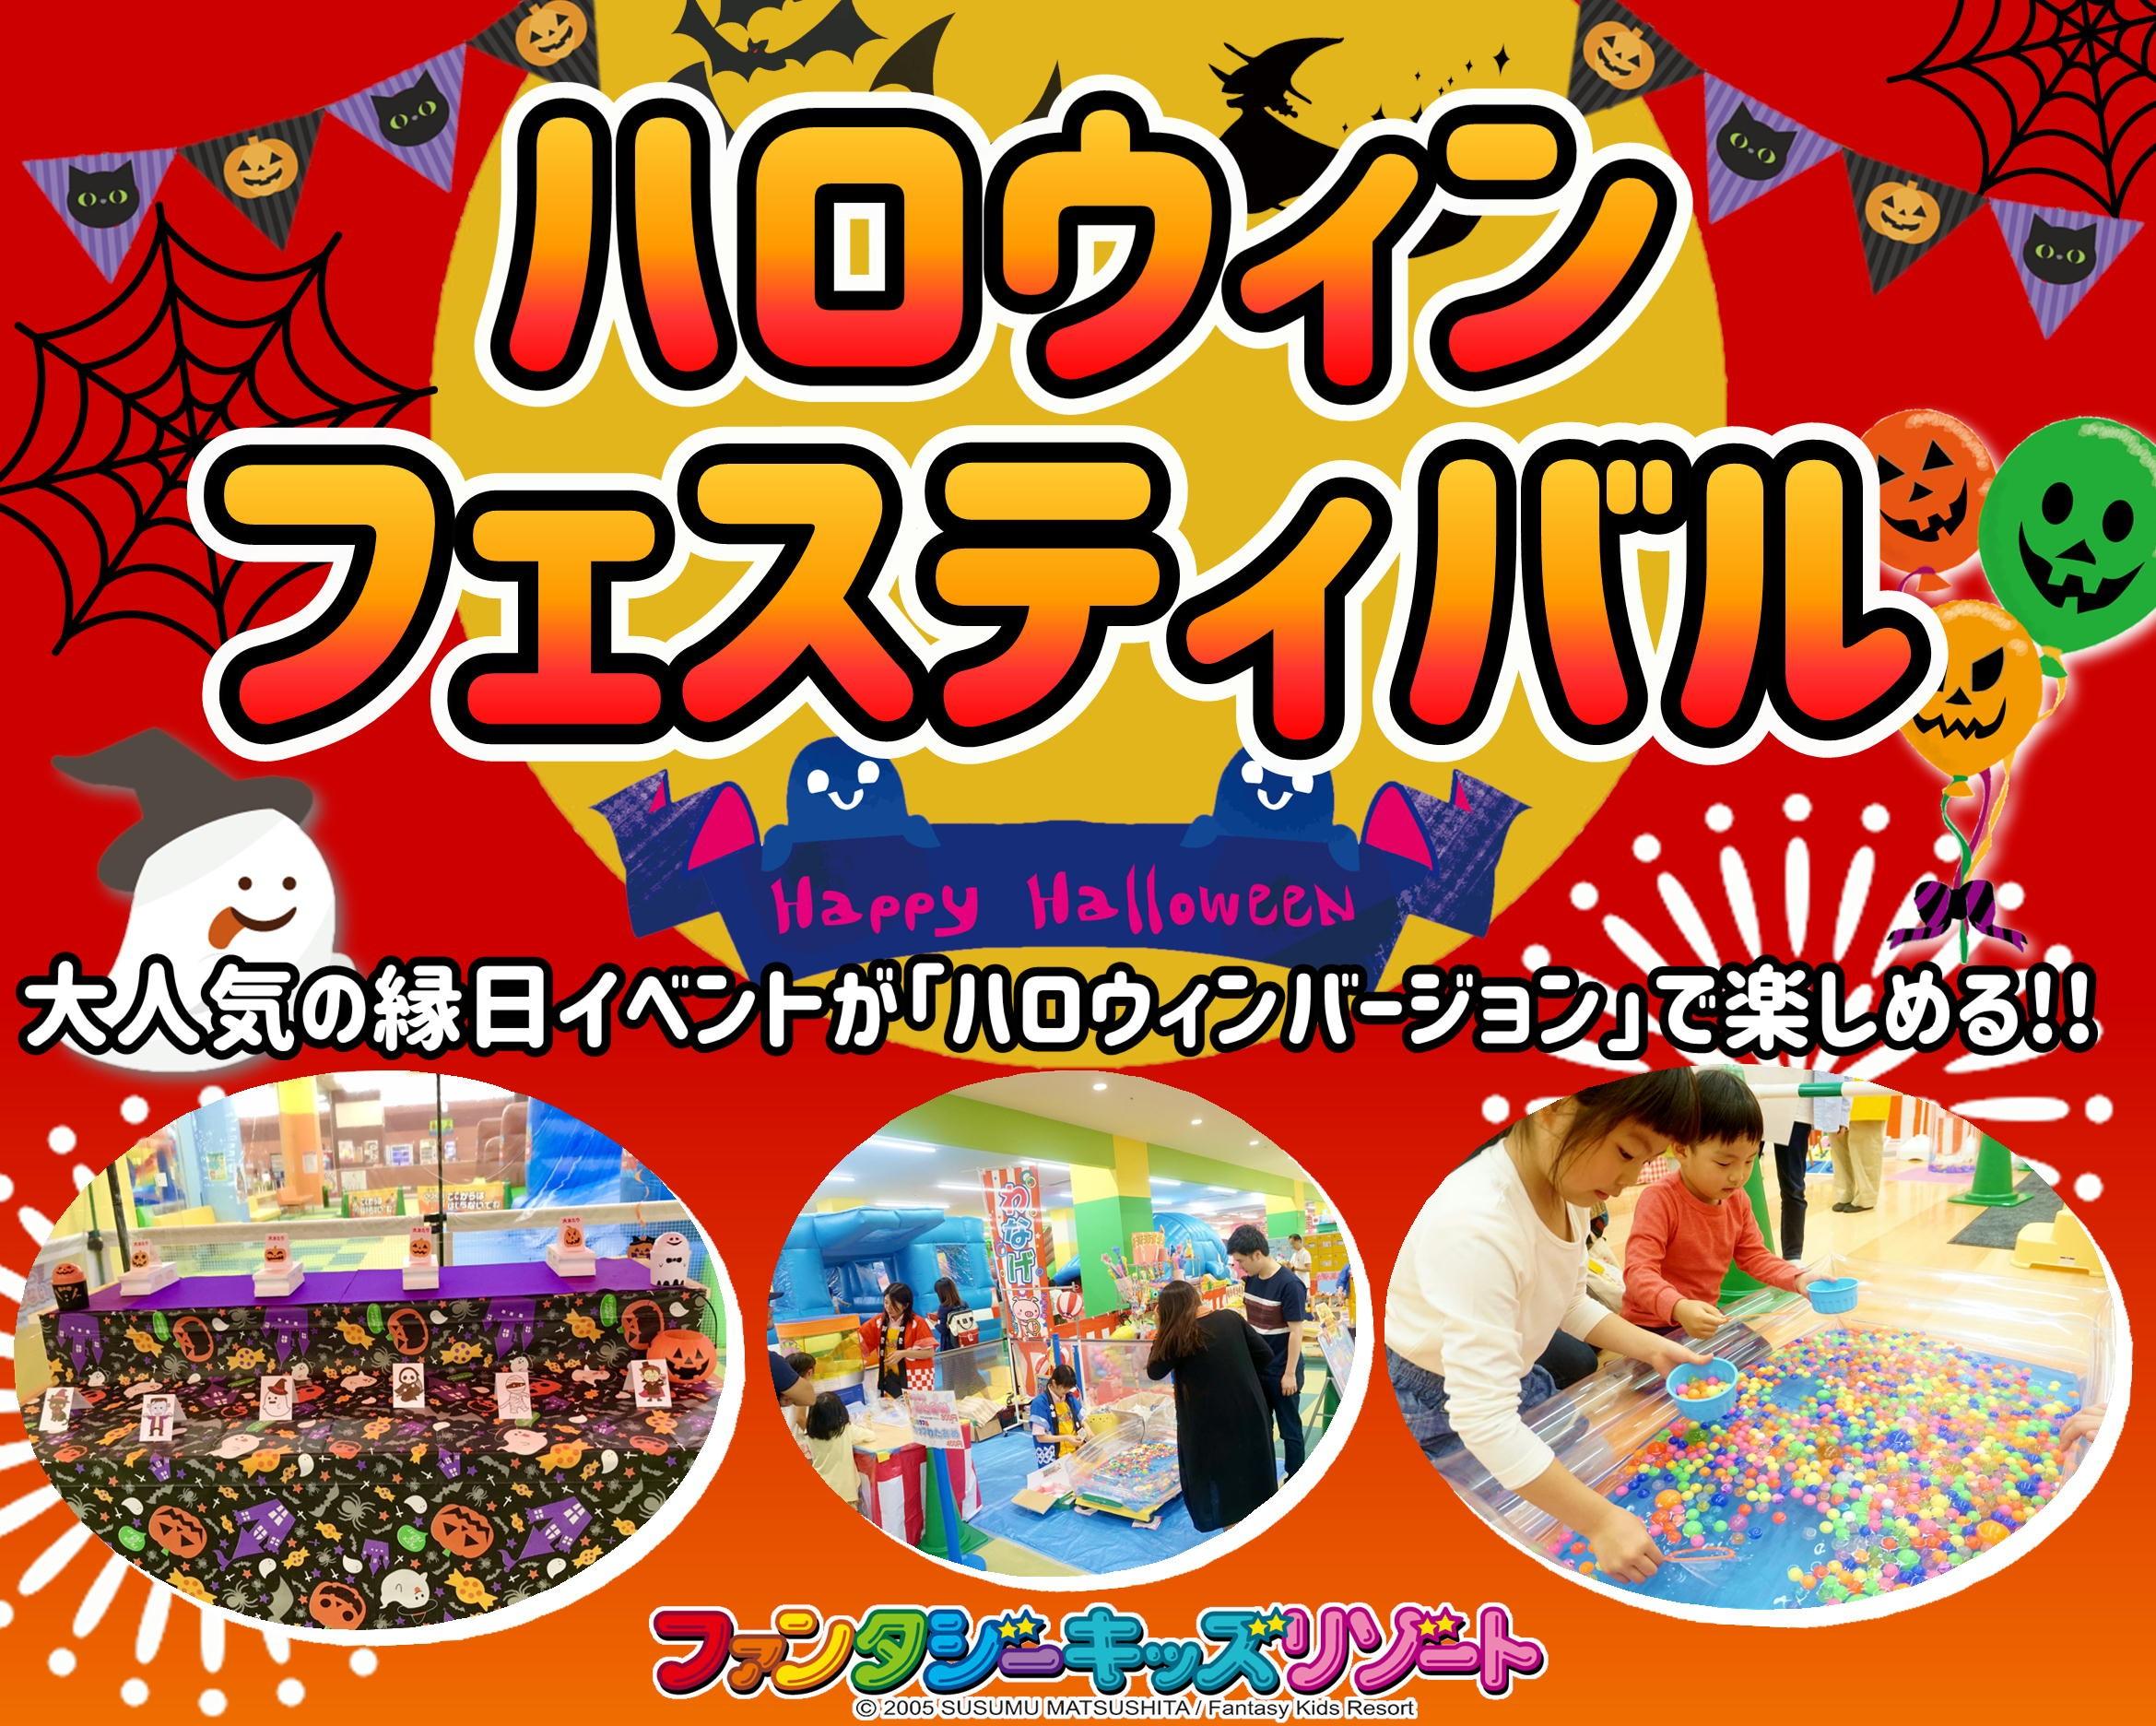 ★ハロウィンフェスティバル★